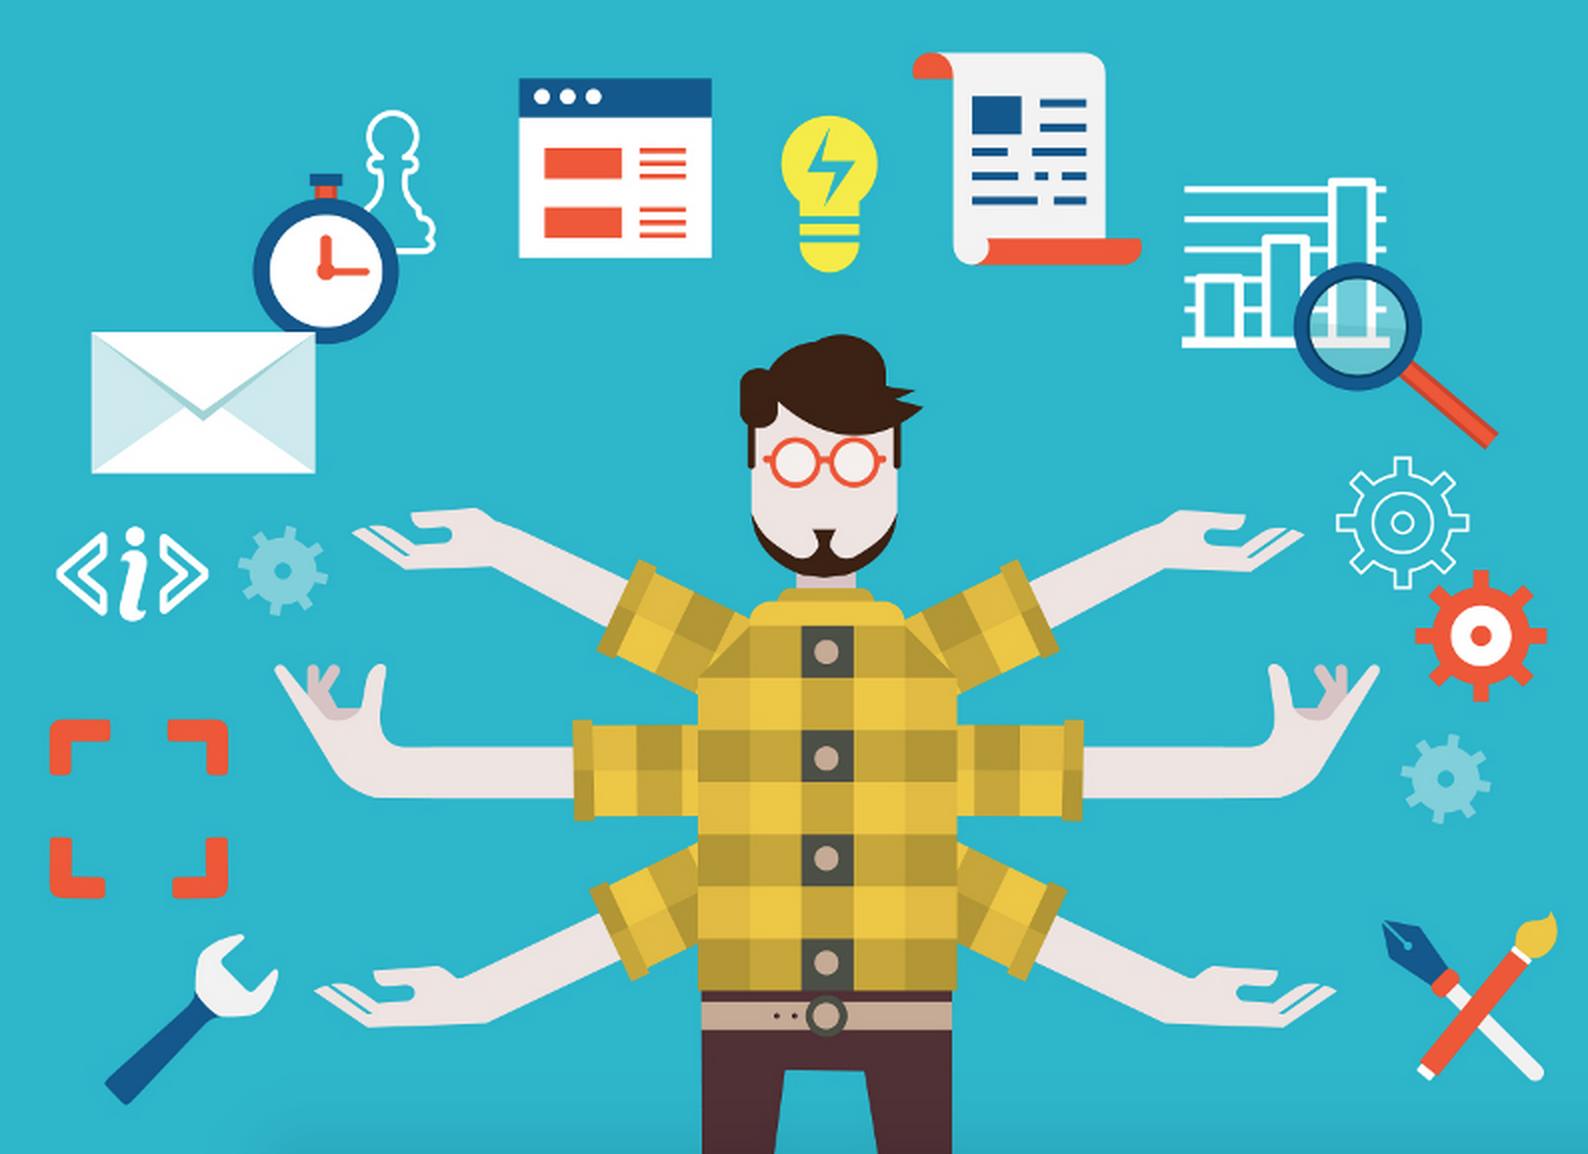 Mô hình kinh doanh hệ thống cho người khởi nghiệp không cần vốn